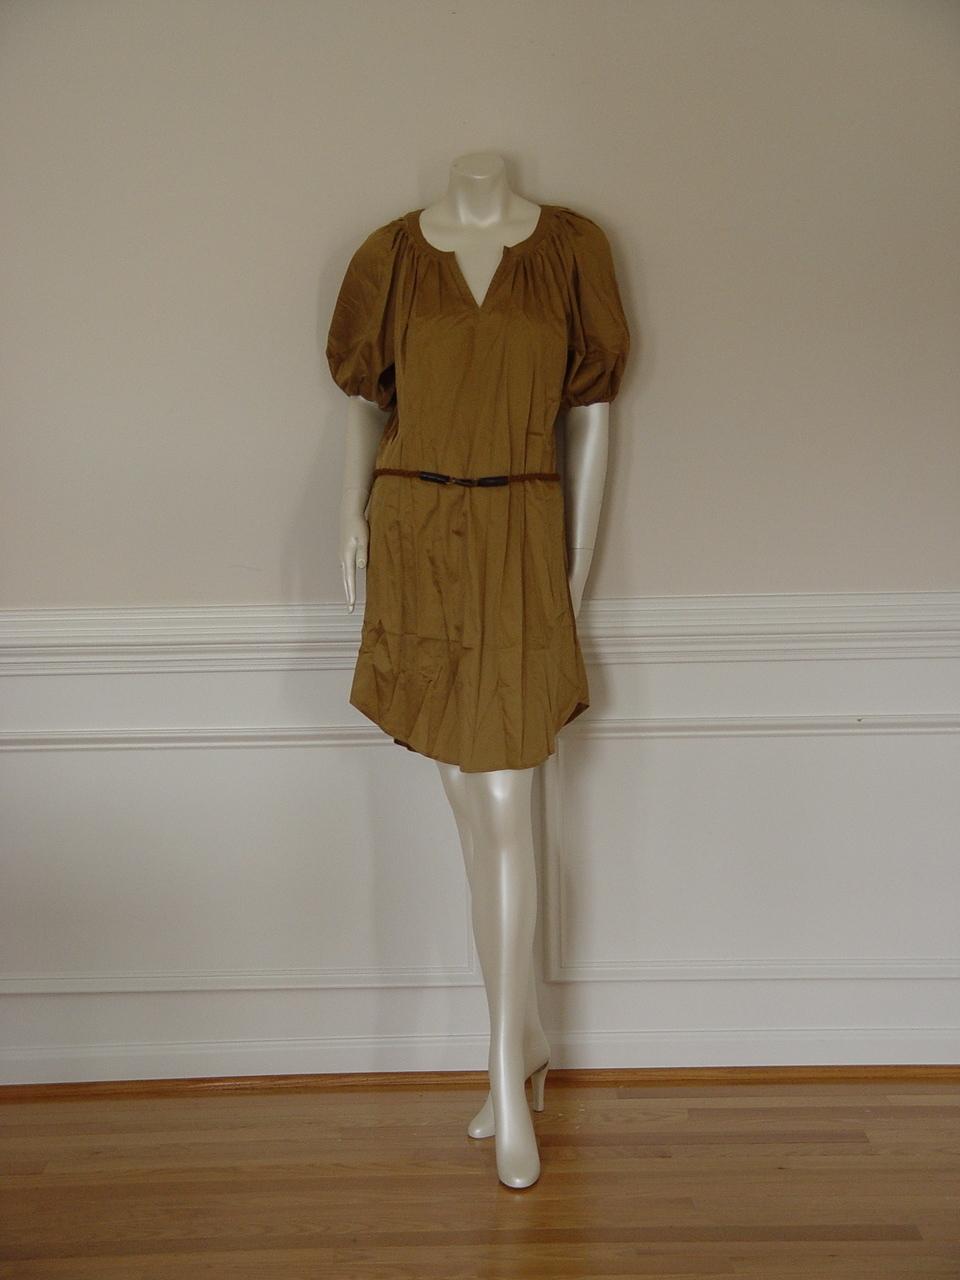 DIANE von FURSTENBERG KEONI BUTTER RUM DRESS - US 8 -UK 12